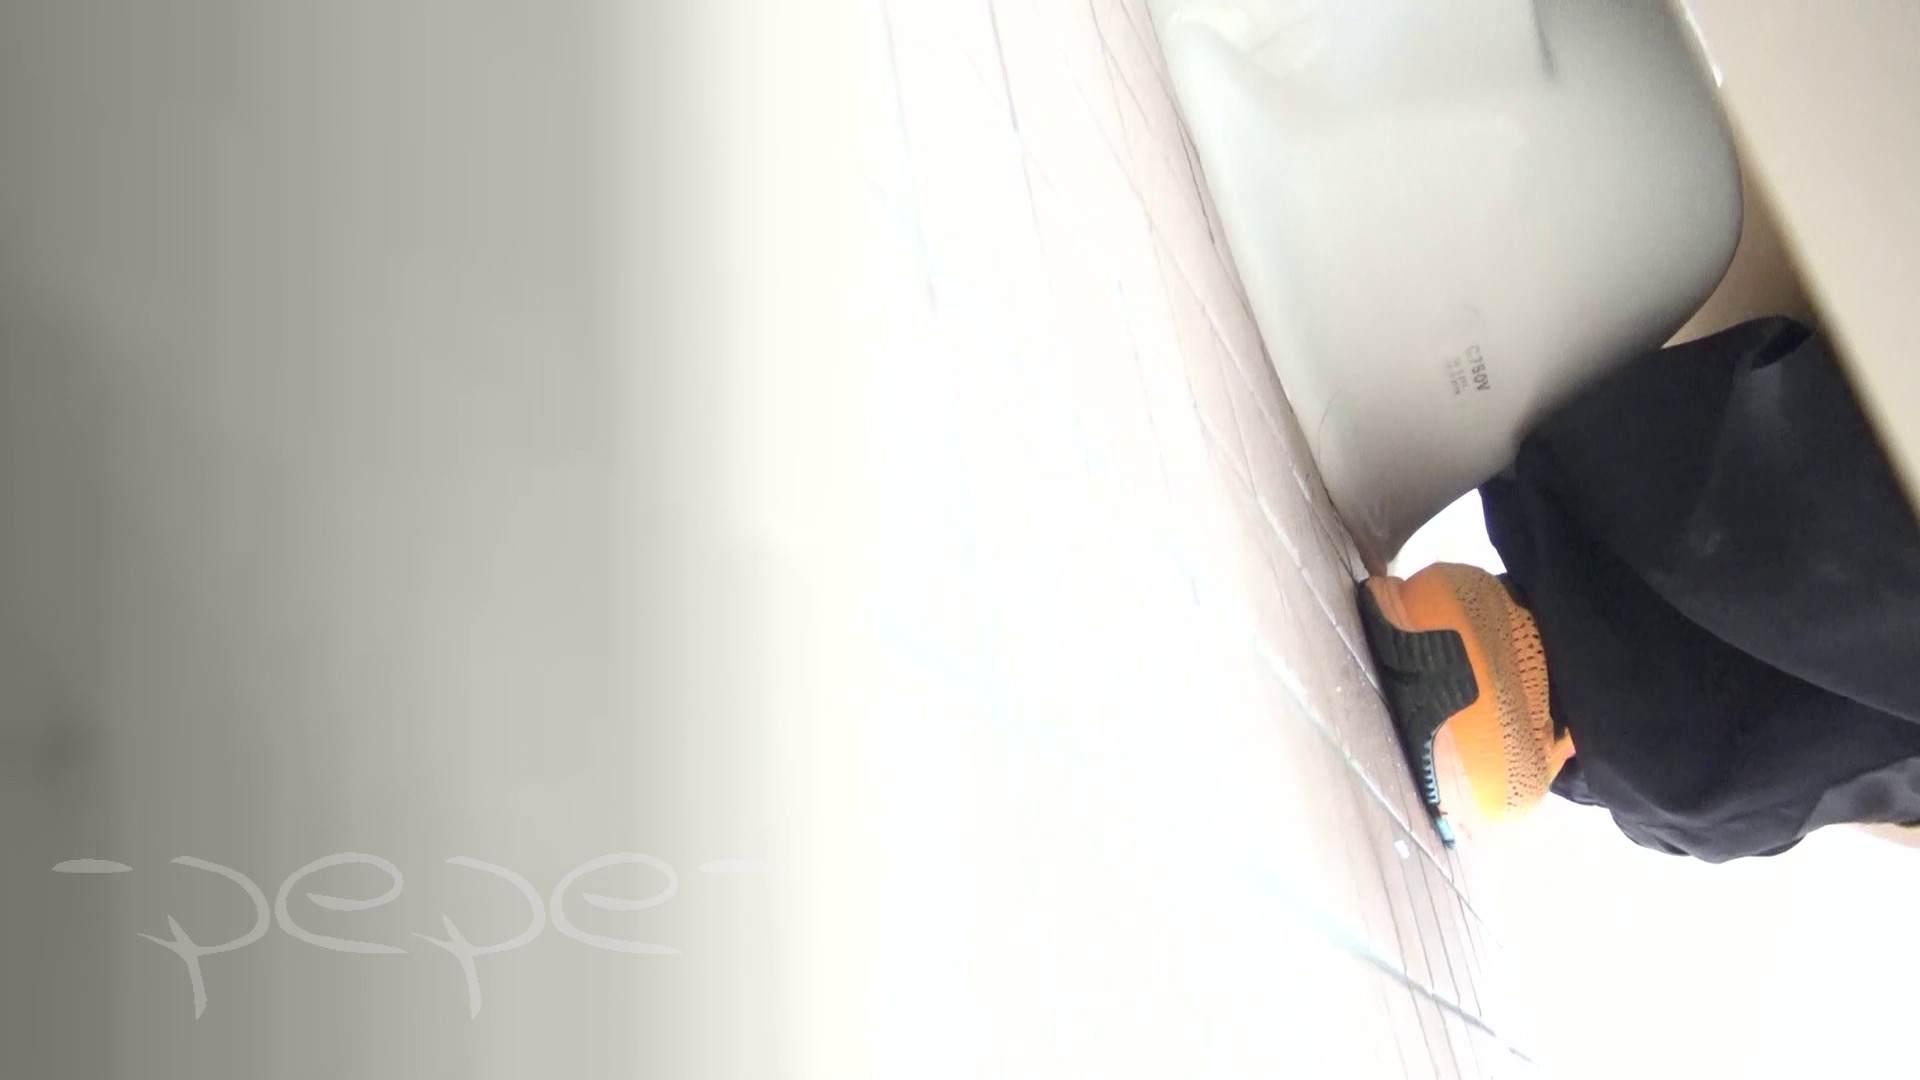 無修正おまんこ動画|▲期間限定D▲至高洗面所盗撮 27 体育館 局部好きの為の下方撮り特集!!05|怪盗ジョーカー